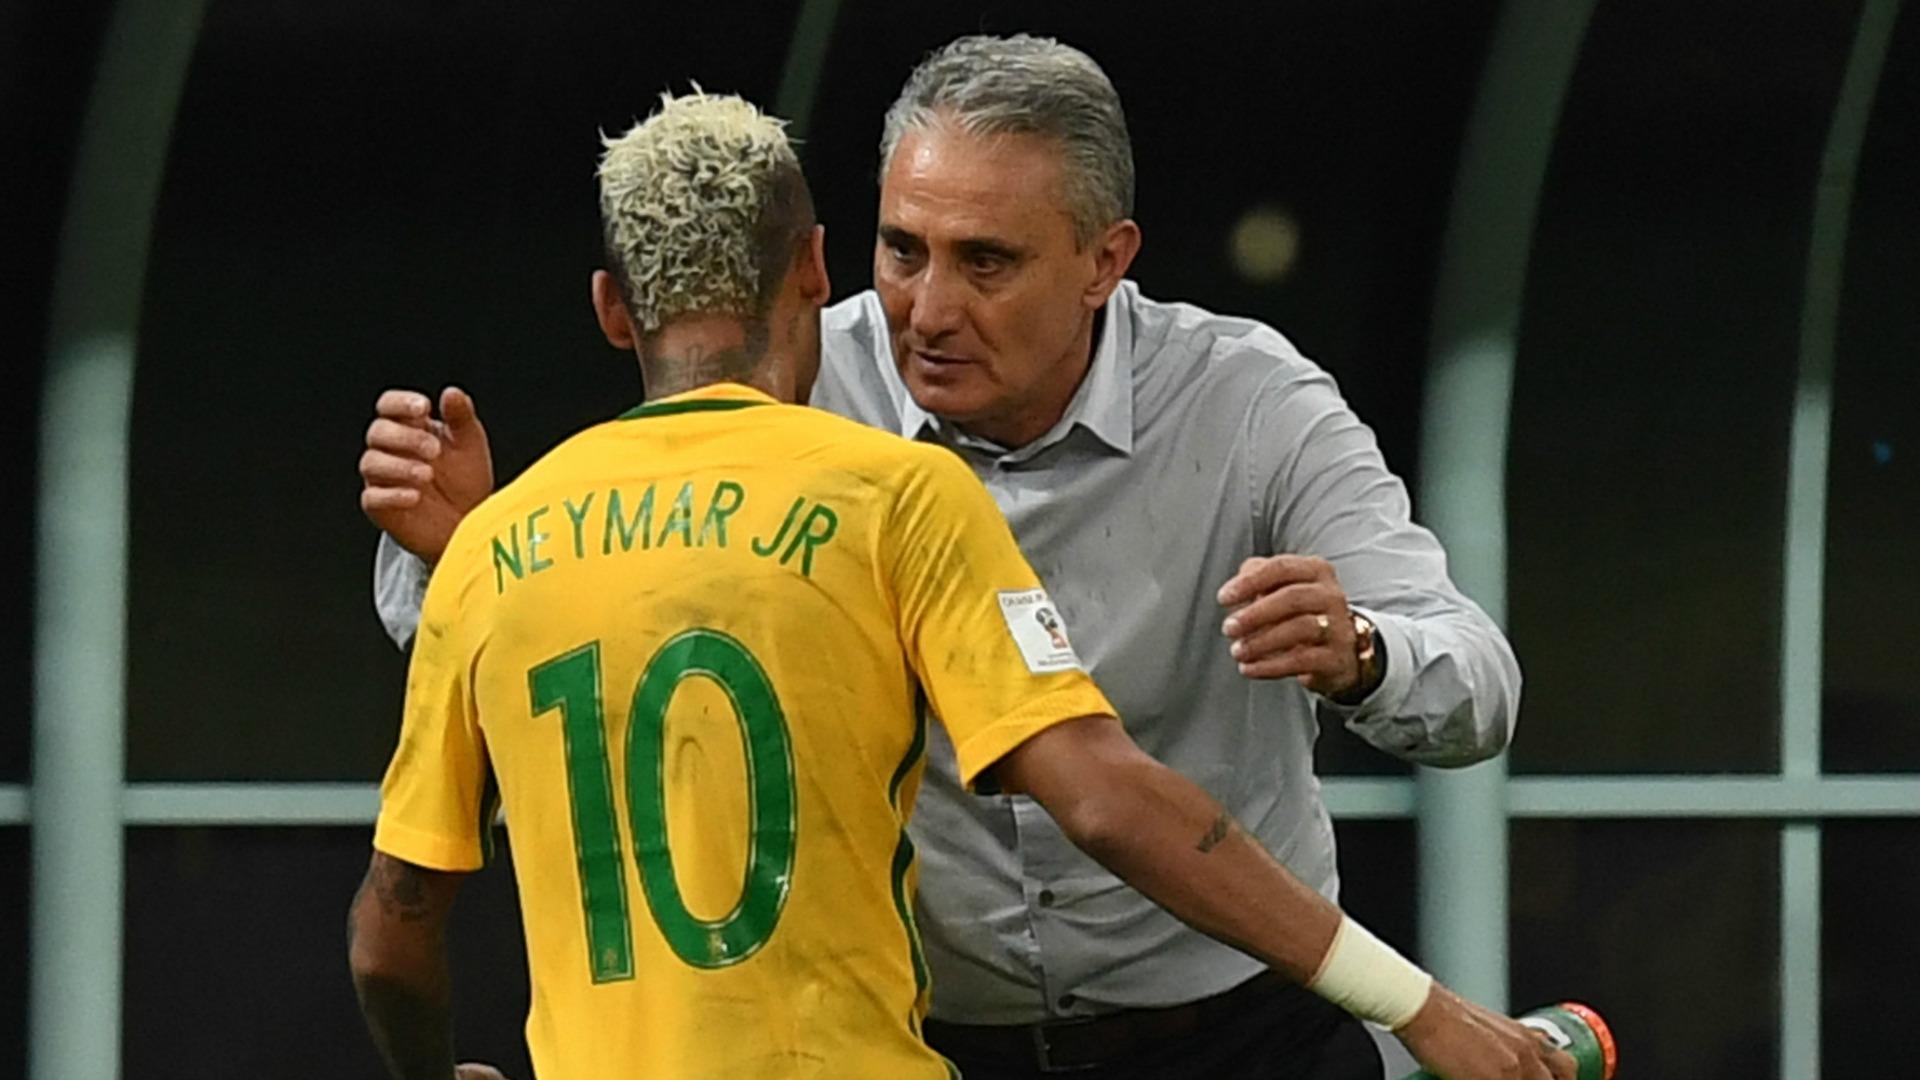 Згадуючи 2014-й. Чи зможе збірна Бразилії стати чемпіоном світу? - изображение 3